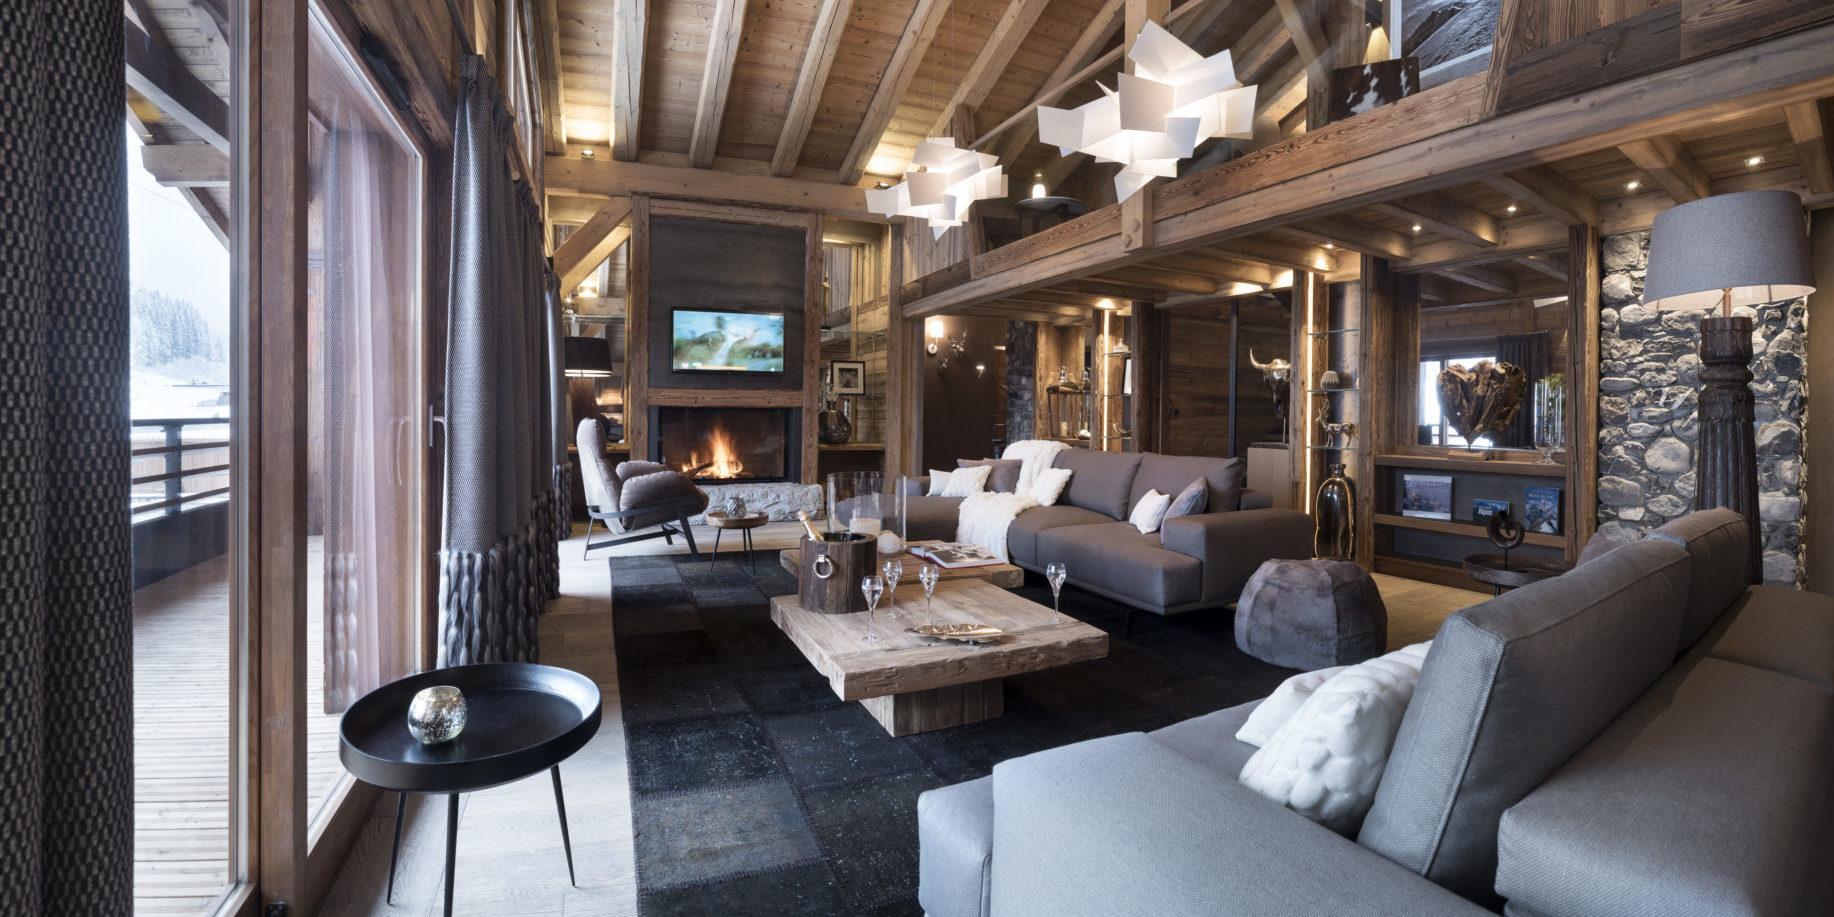 MGM L'Ecrin de Jade Chamonix Chamonix Mont Blanc Frankrijk wintersport skivakantie luxe living lounge banken fauteuil open haard vloerkleed hanglampen ramen houten balken